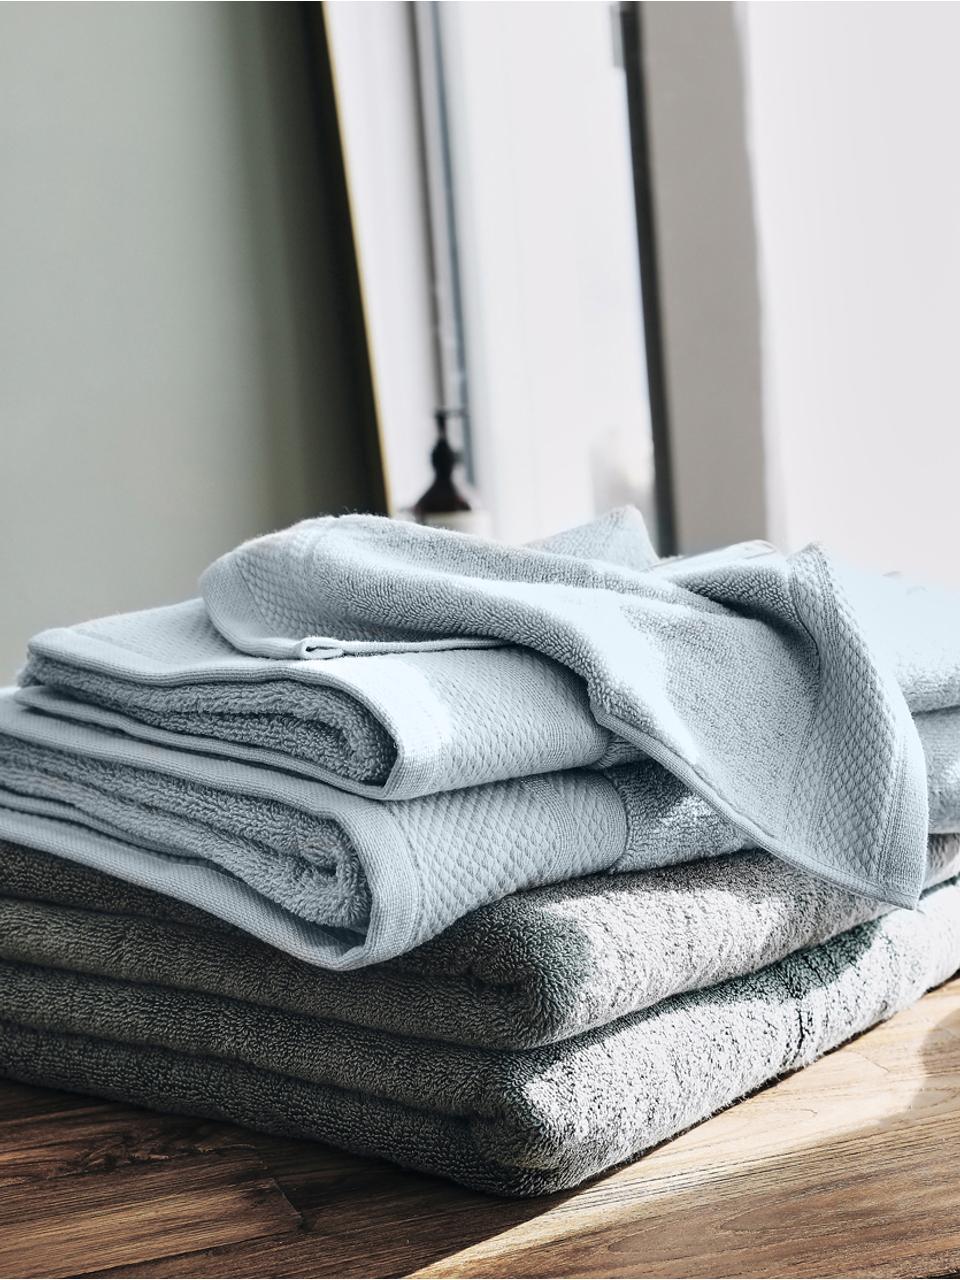 Handtuch Premium in verschiedenen Größen, mit klassischer Zierbordüre, Hellblau, Handtuch